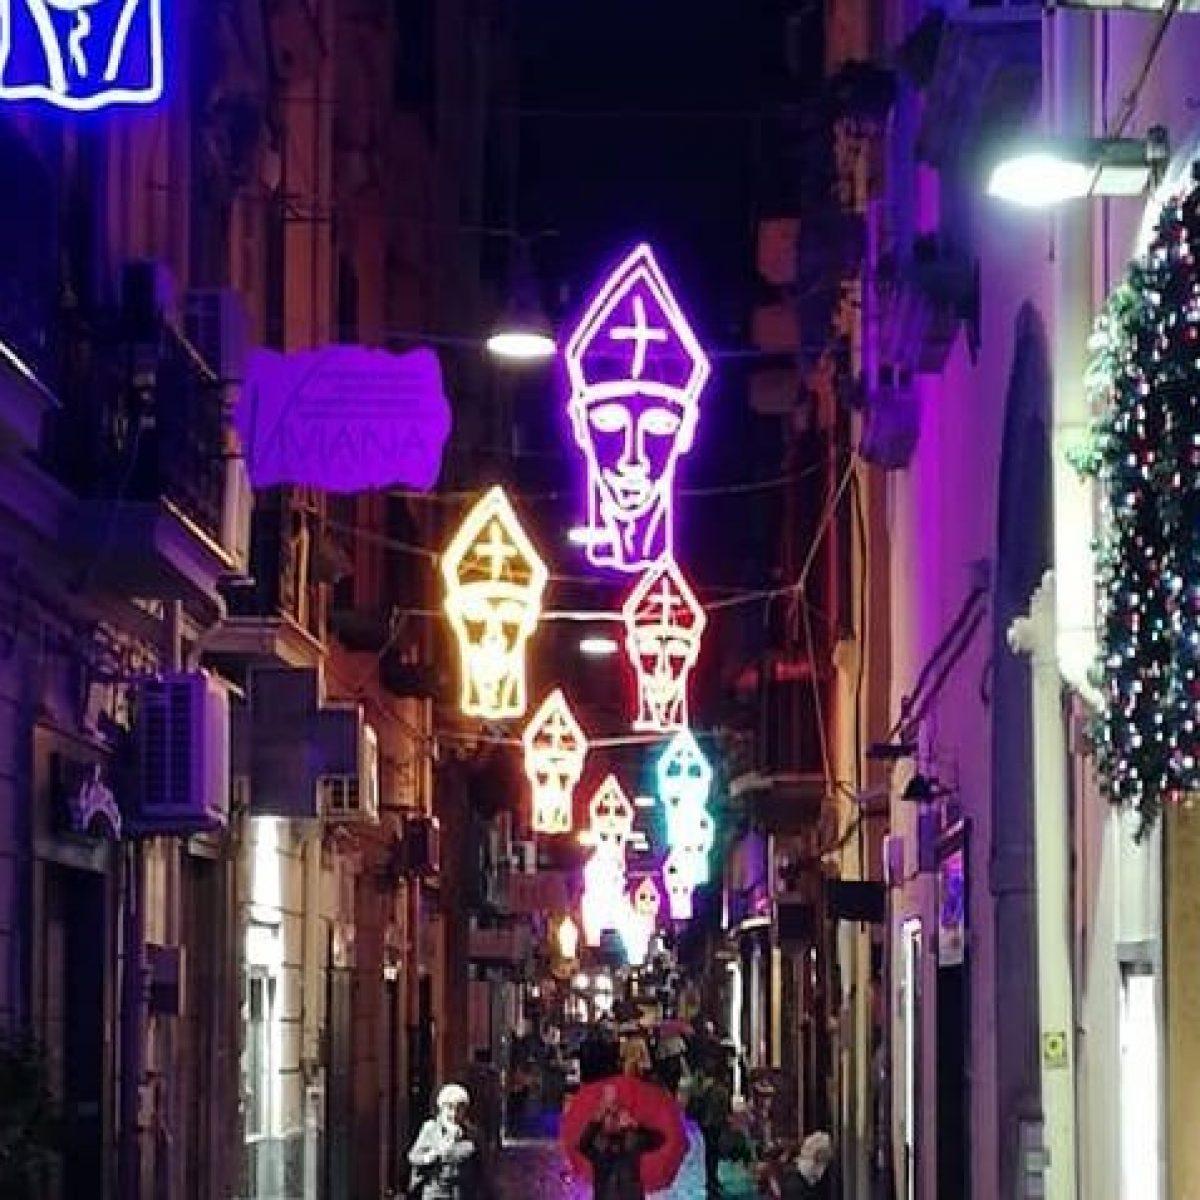 Decorazioni Natalizie Napoli.Natale 2020 A Napoli 1 5 Milioni Di Euro Per Le Luminarie In Tutta La Citta